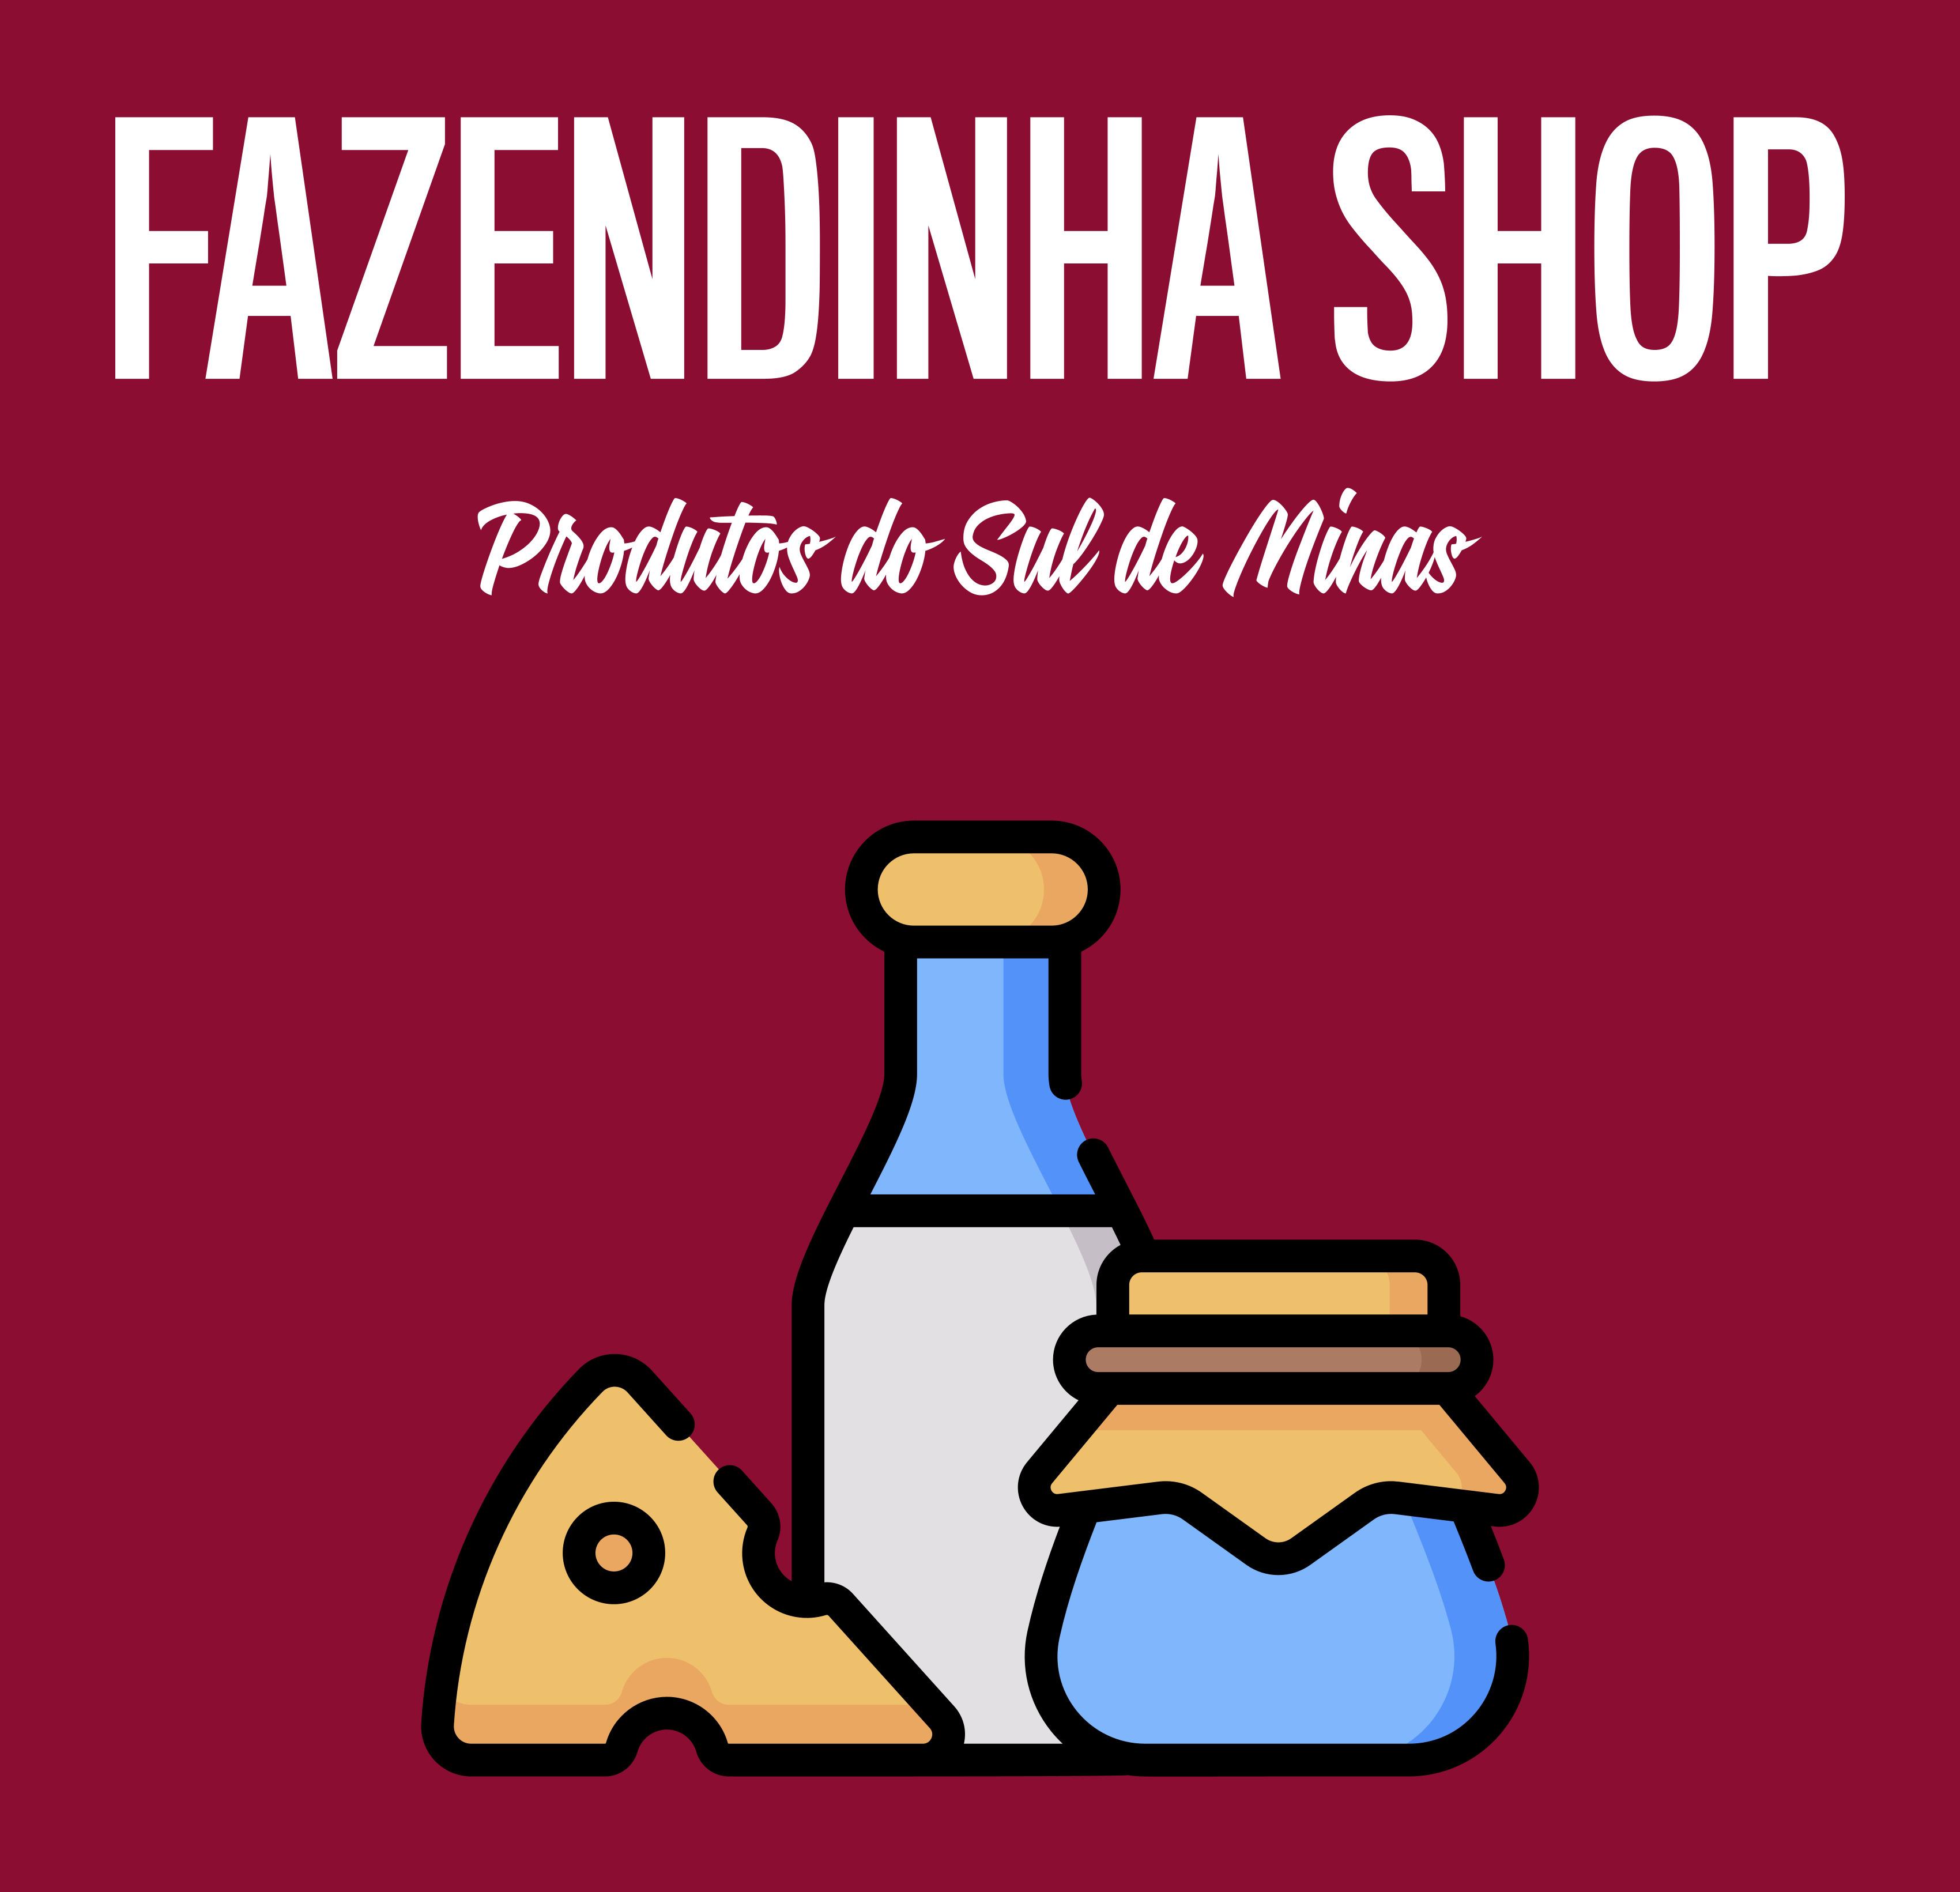 Fazendinha Shop